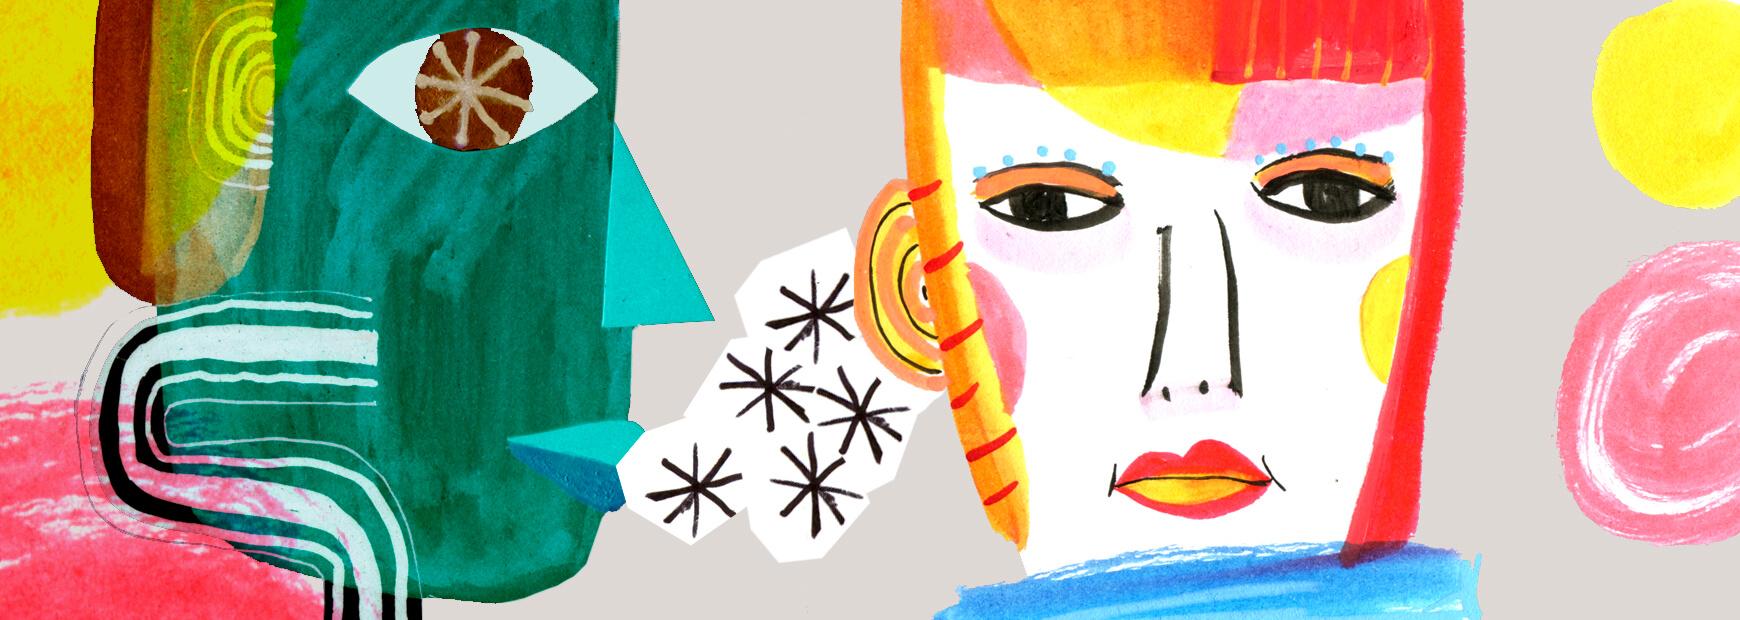 Ilustración de tipo collage para representar la escucha activa